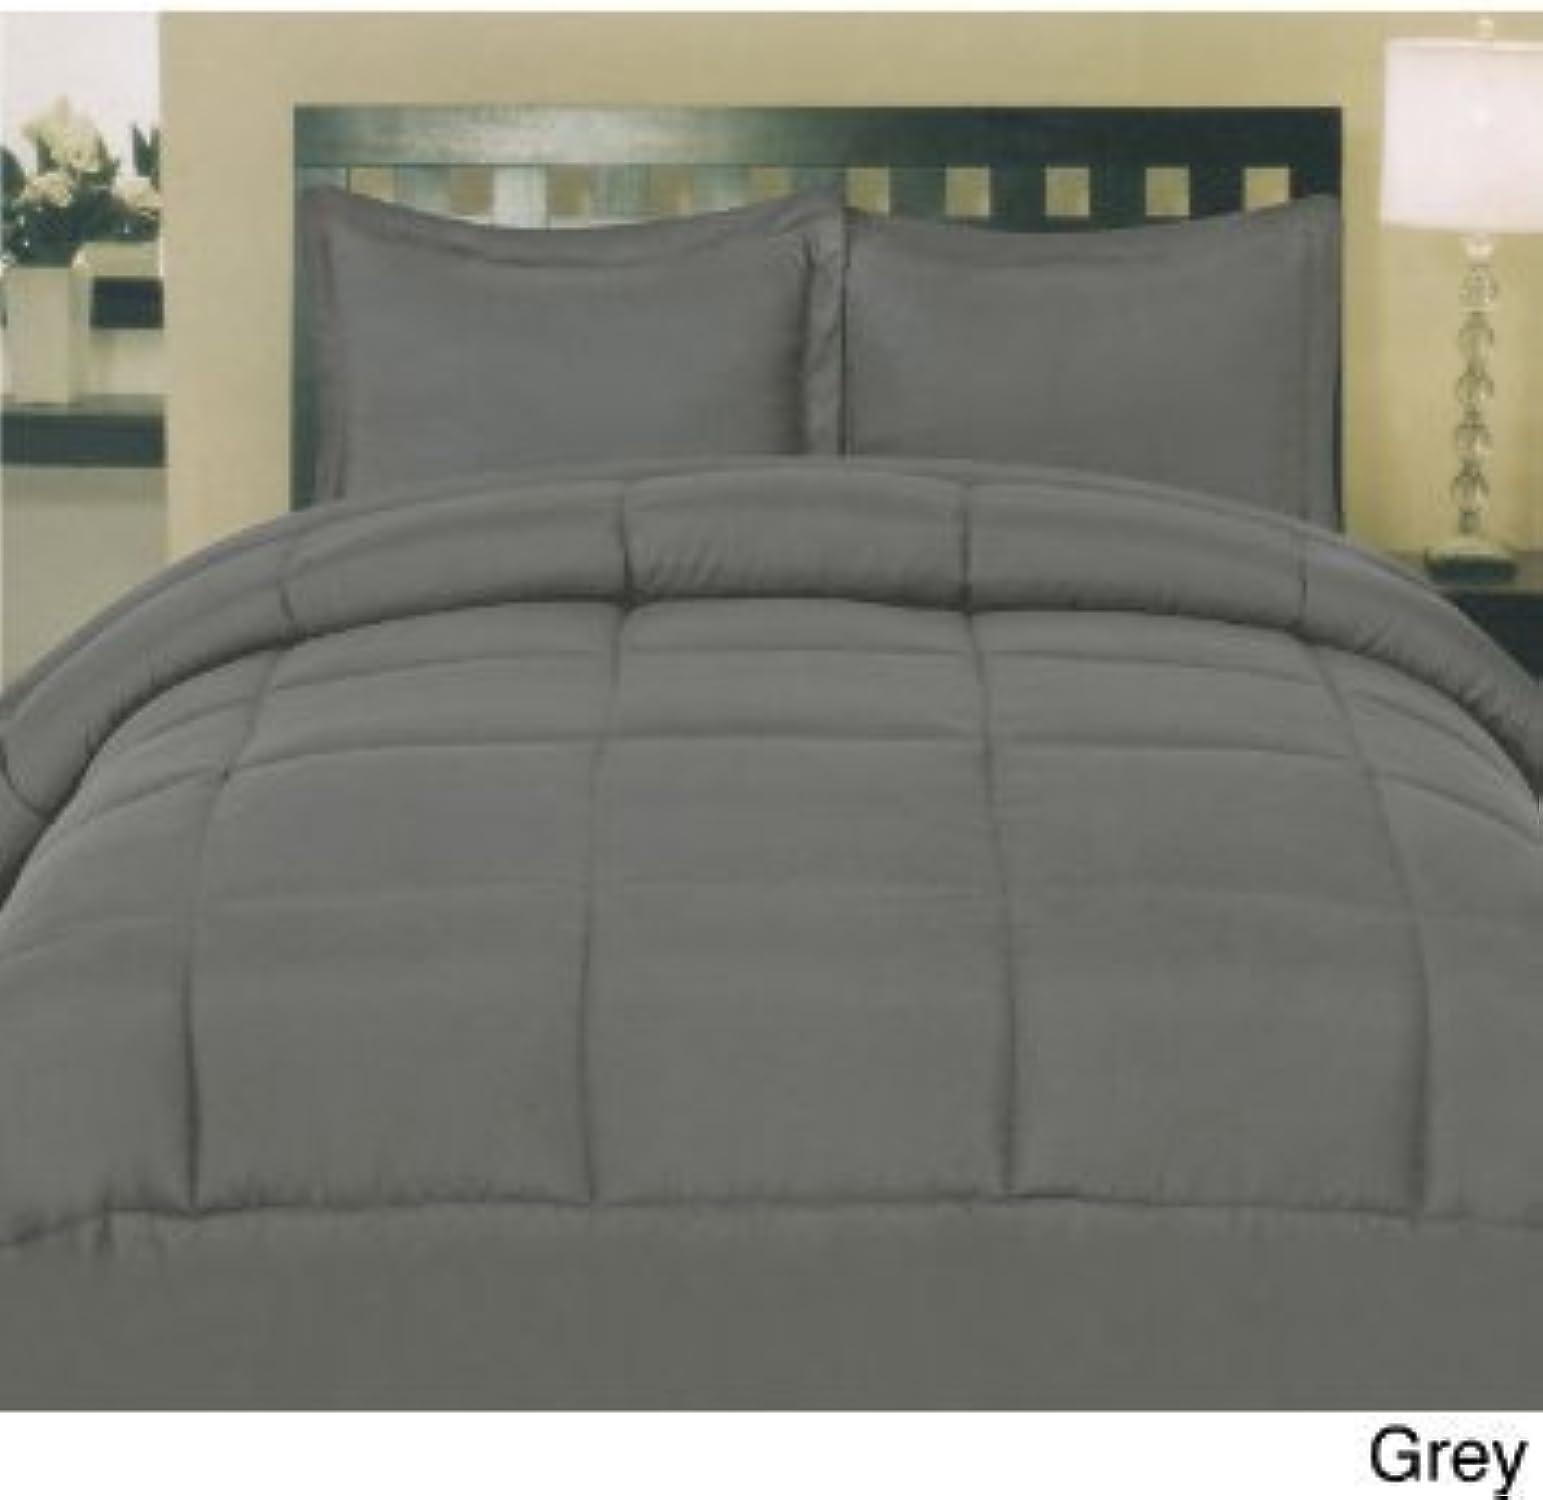 Dreamz Parure de lit Super Doux 650Fils 100% Coton 1Housse de Couette (100g m2 Fibre Fill) Euro Petite Taille Unique, éléphant gris gris foncé Solide Coton égypcravaten 650tc Doudou